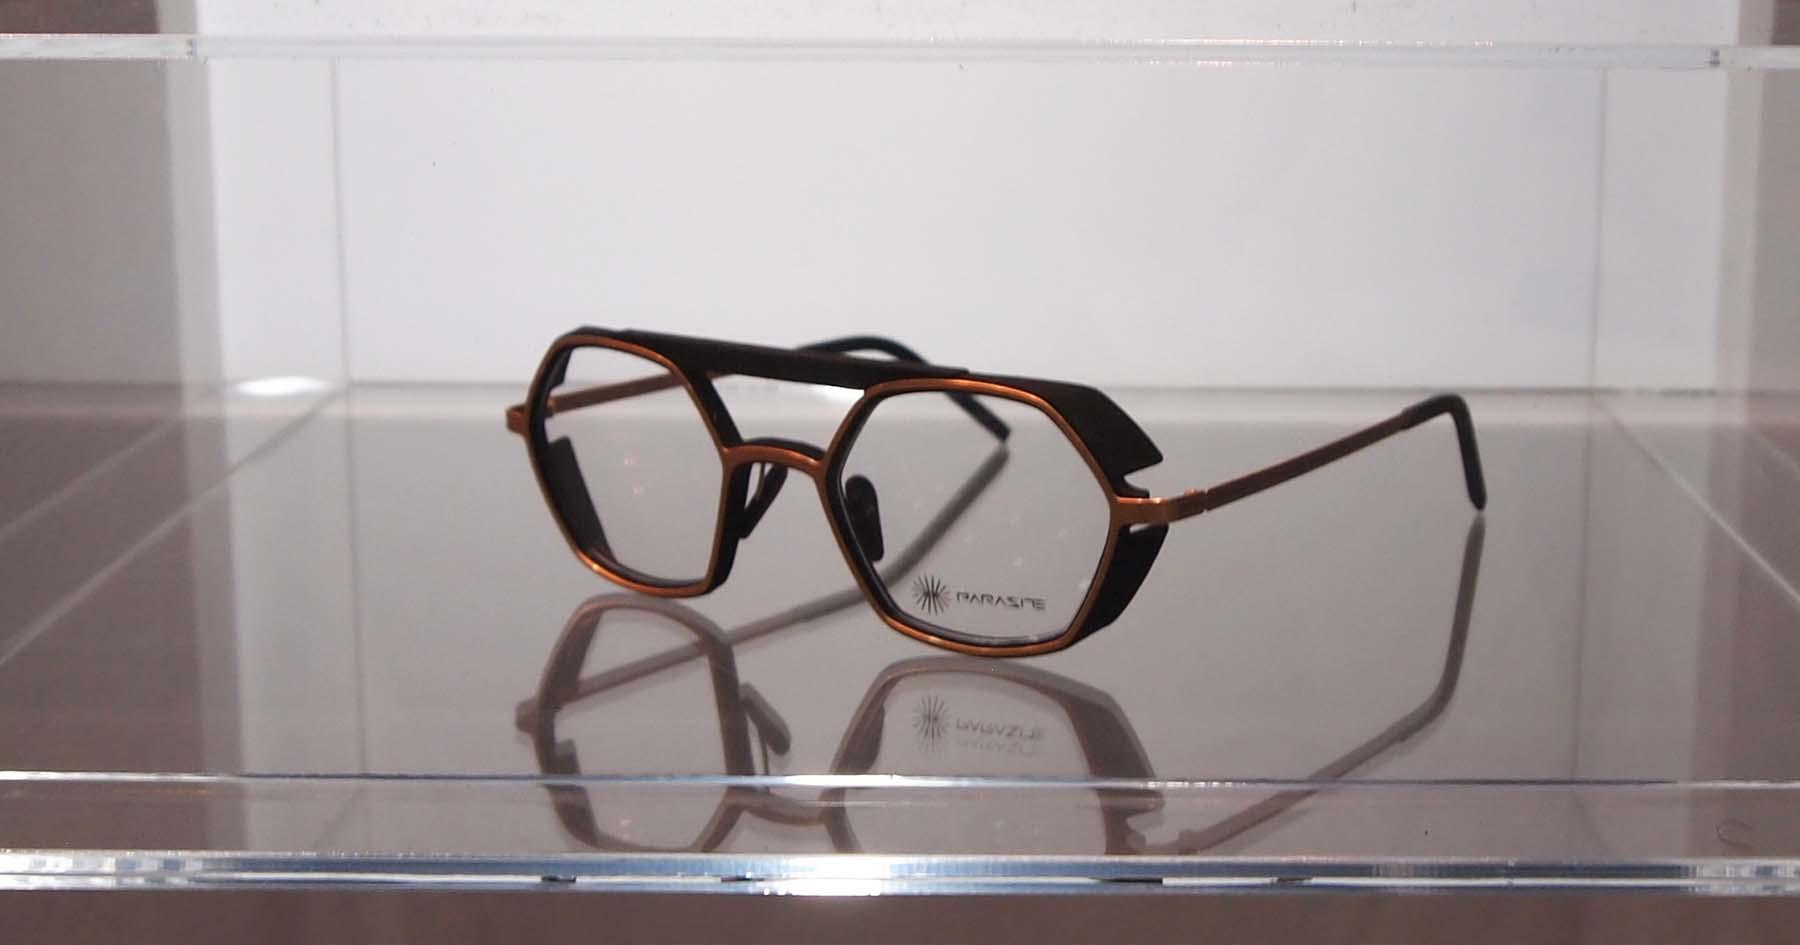 パラサイト メガネ